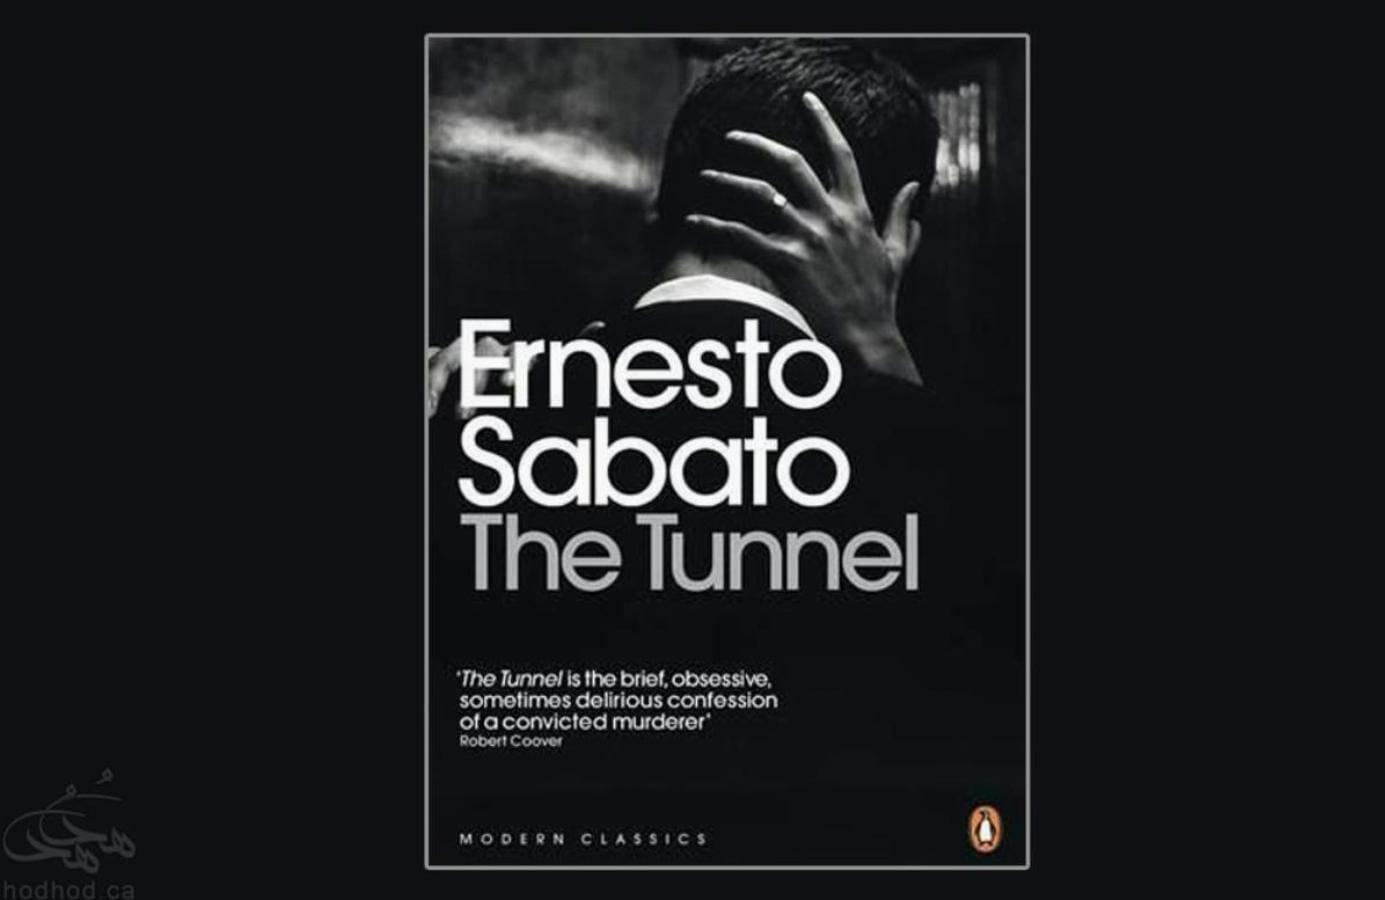 کتاب هفته: تونل اثر ارنستو ساباتو